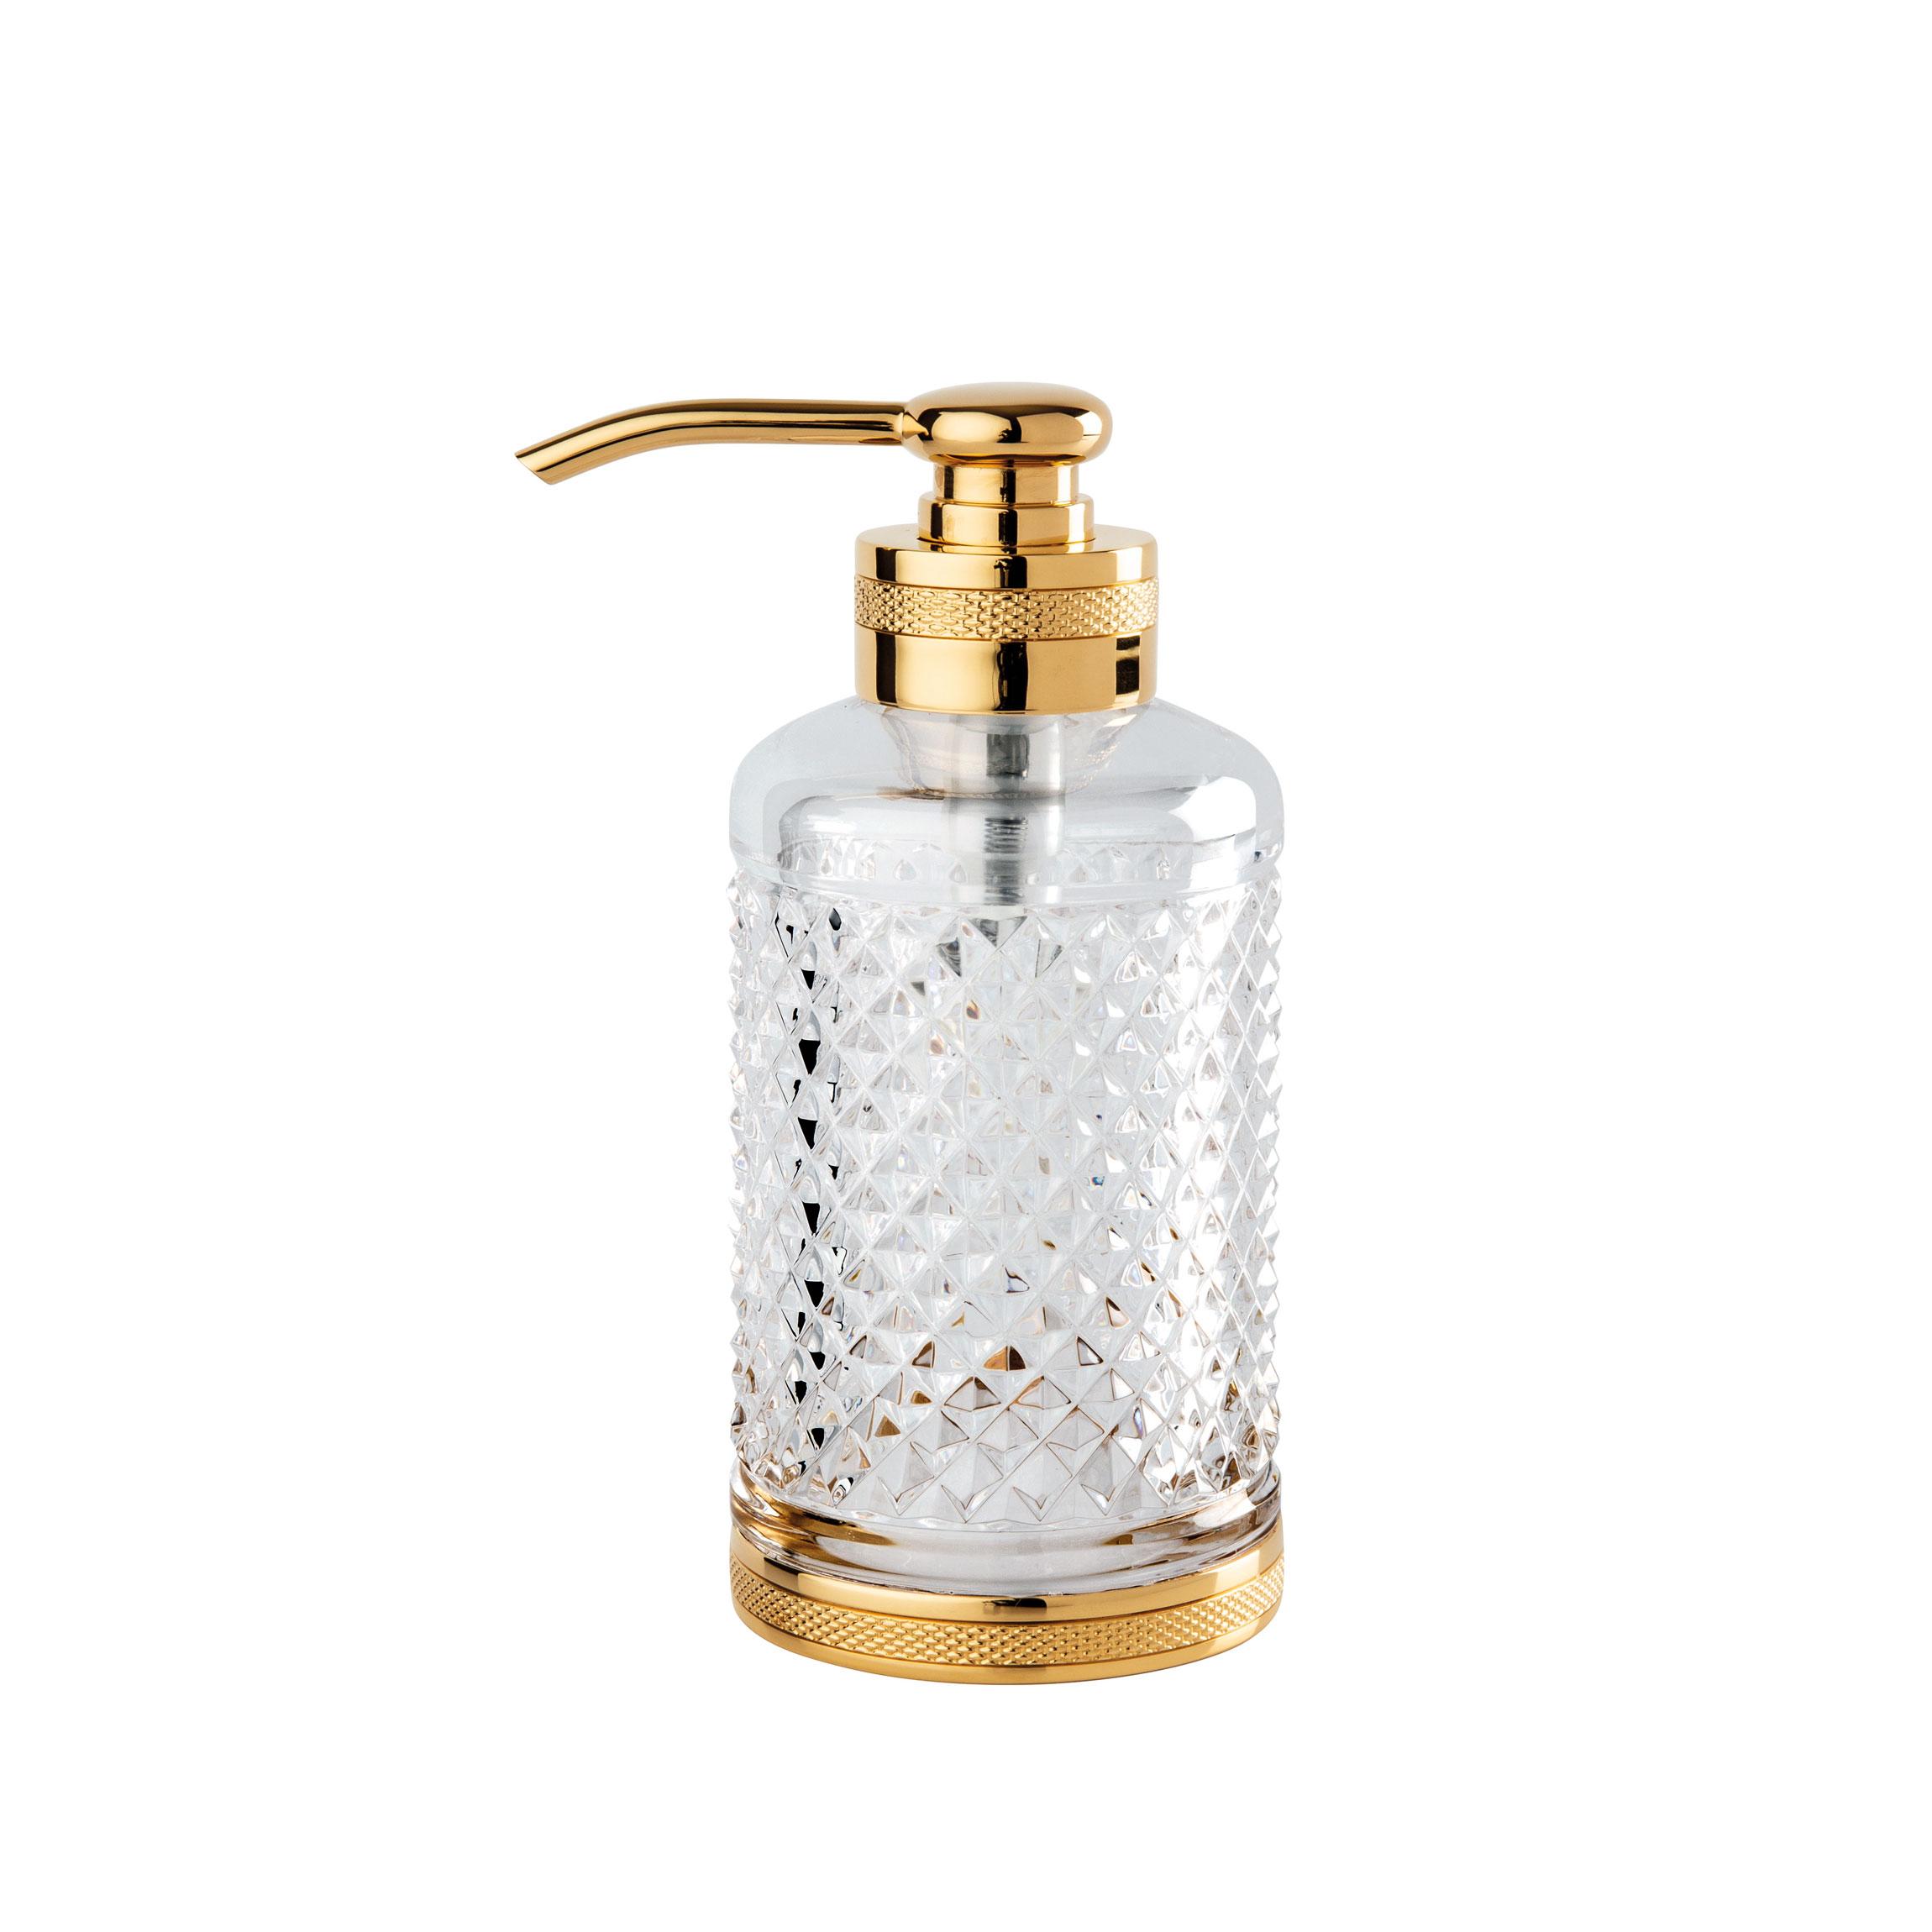 D Cut Crystal Soap Dispenser Basin